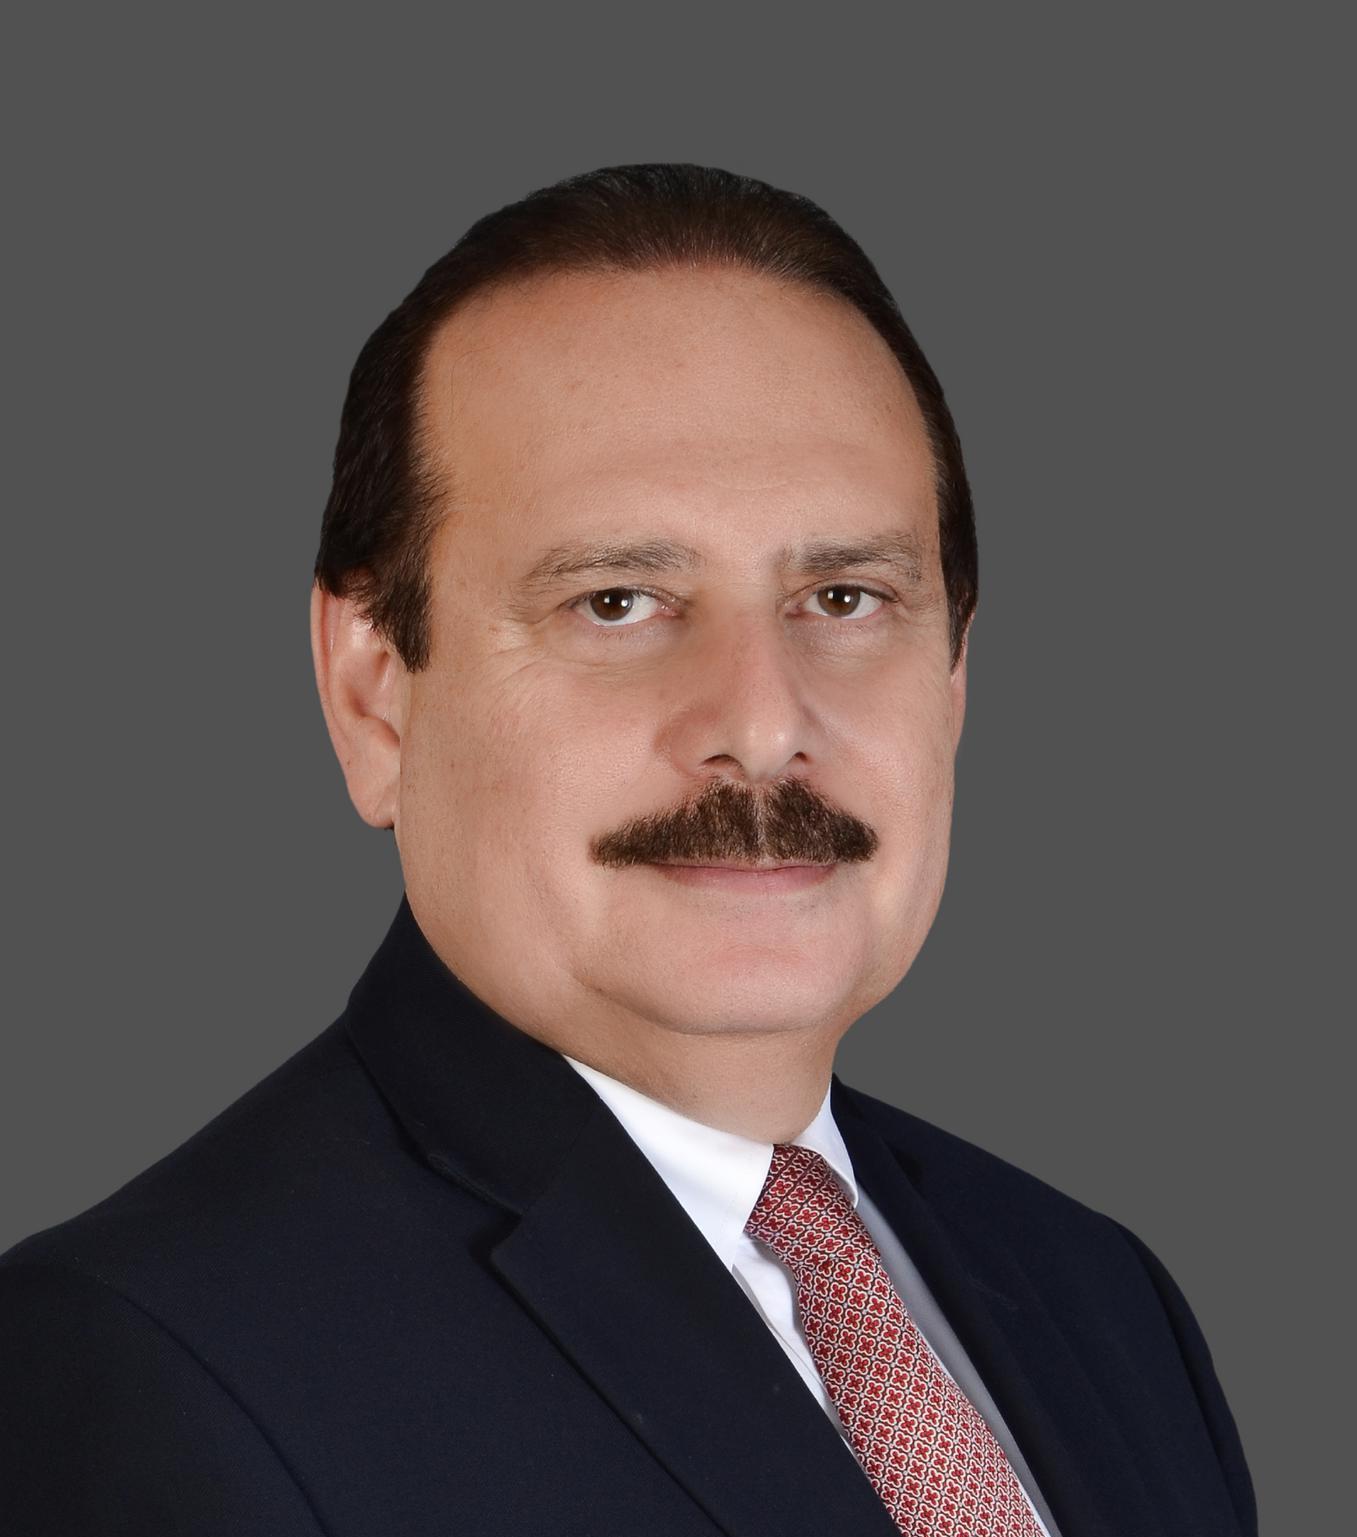 Mohammed Badri